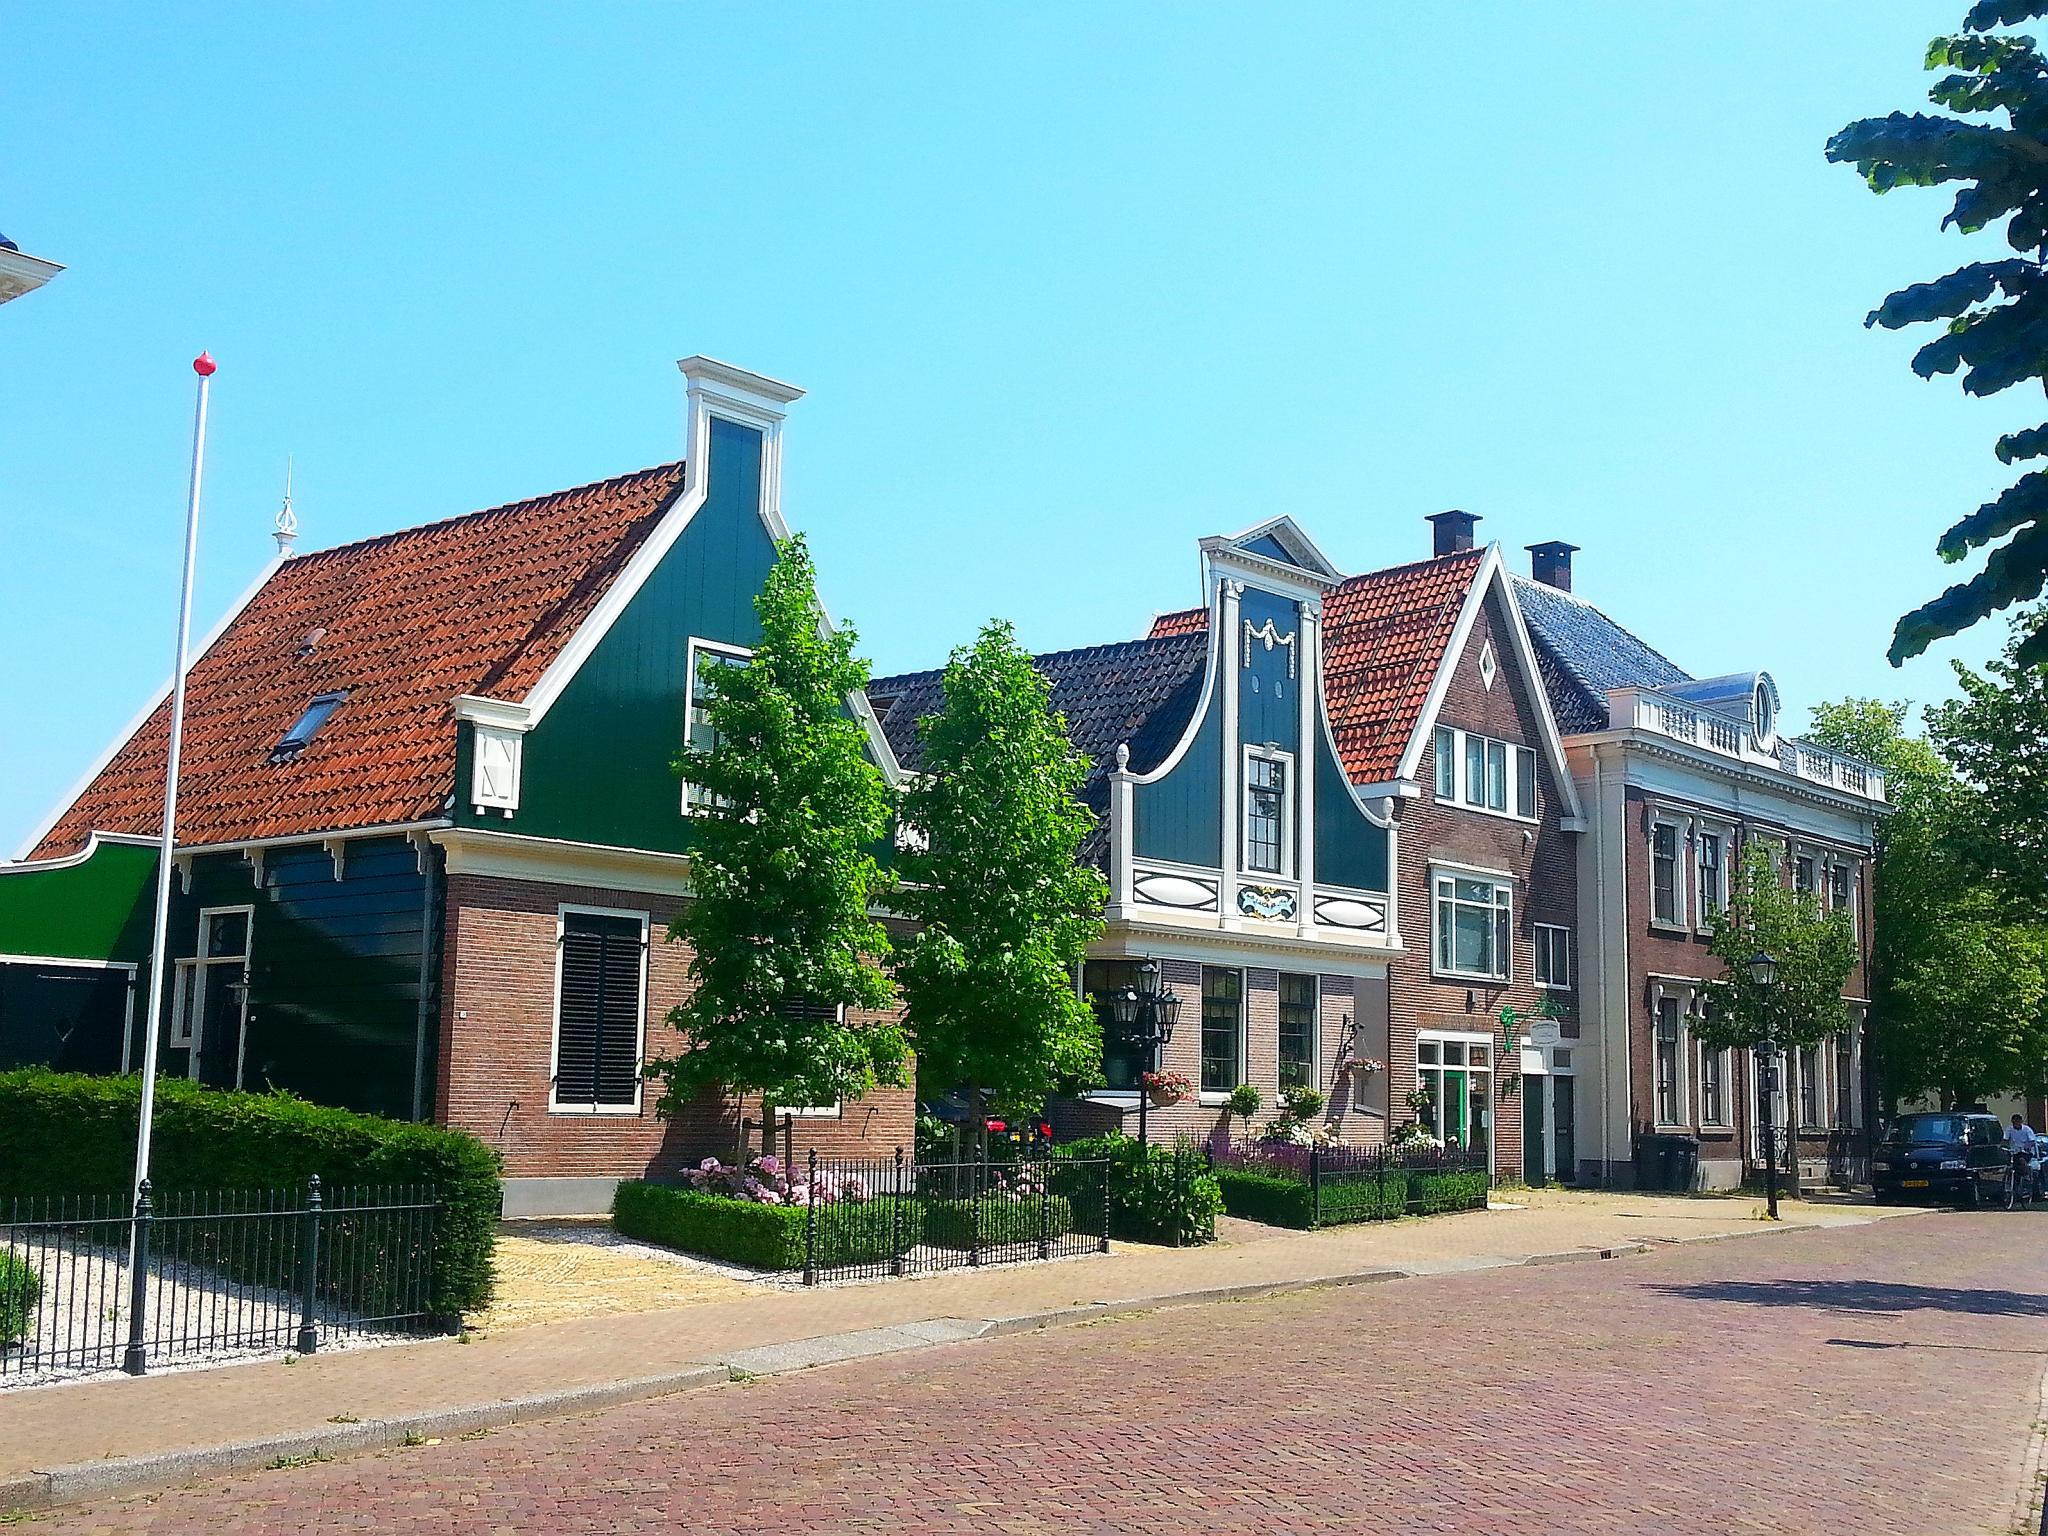 miasta w Holandii Zaanse schans